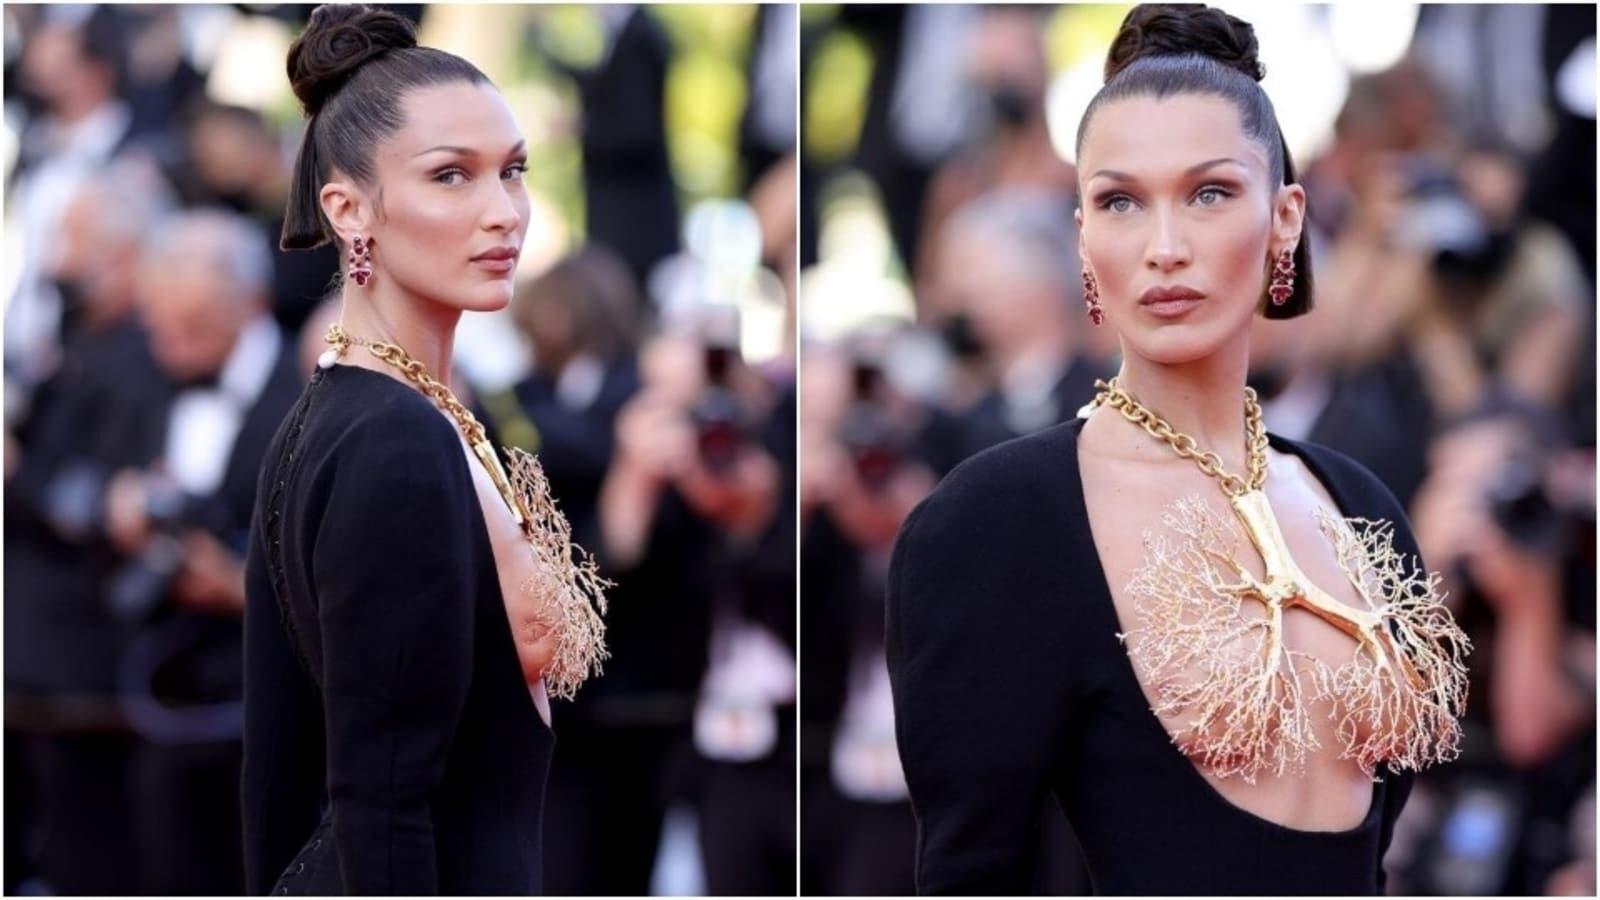 Pse të gjithë po flasin për veshjen e Bella Hadid në Festivalin e Kanës